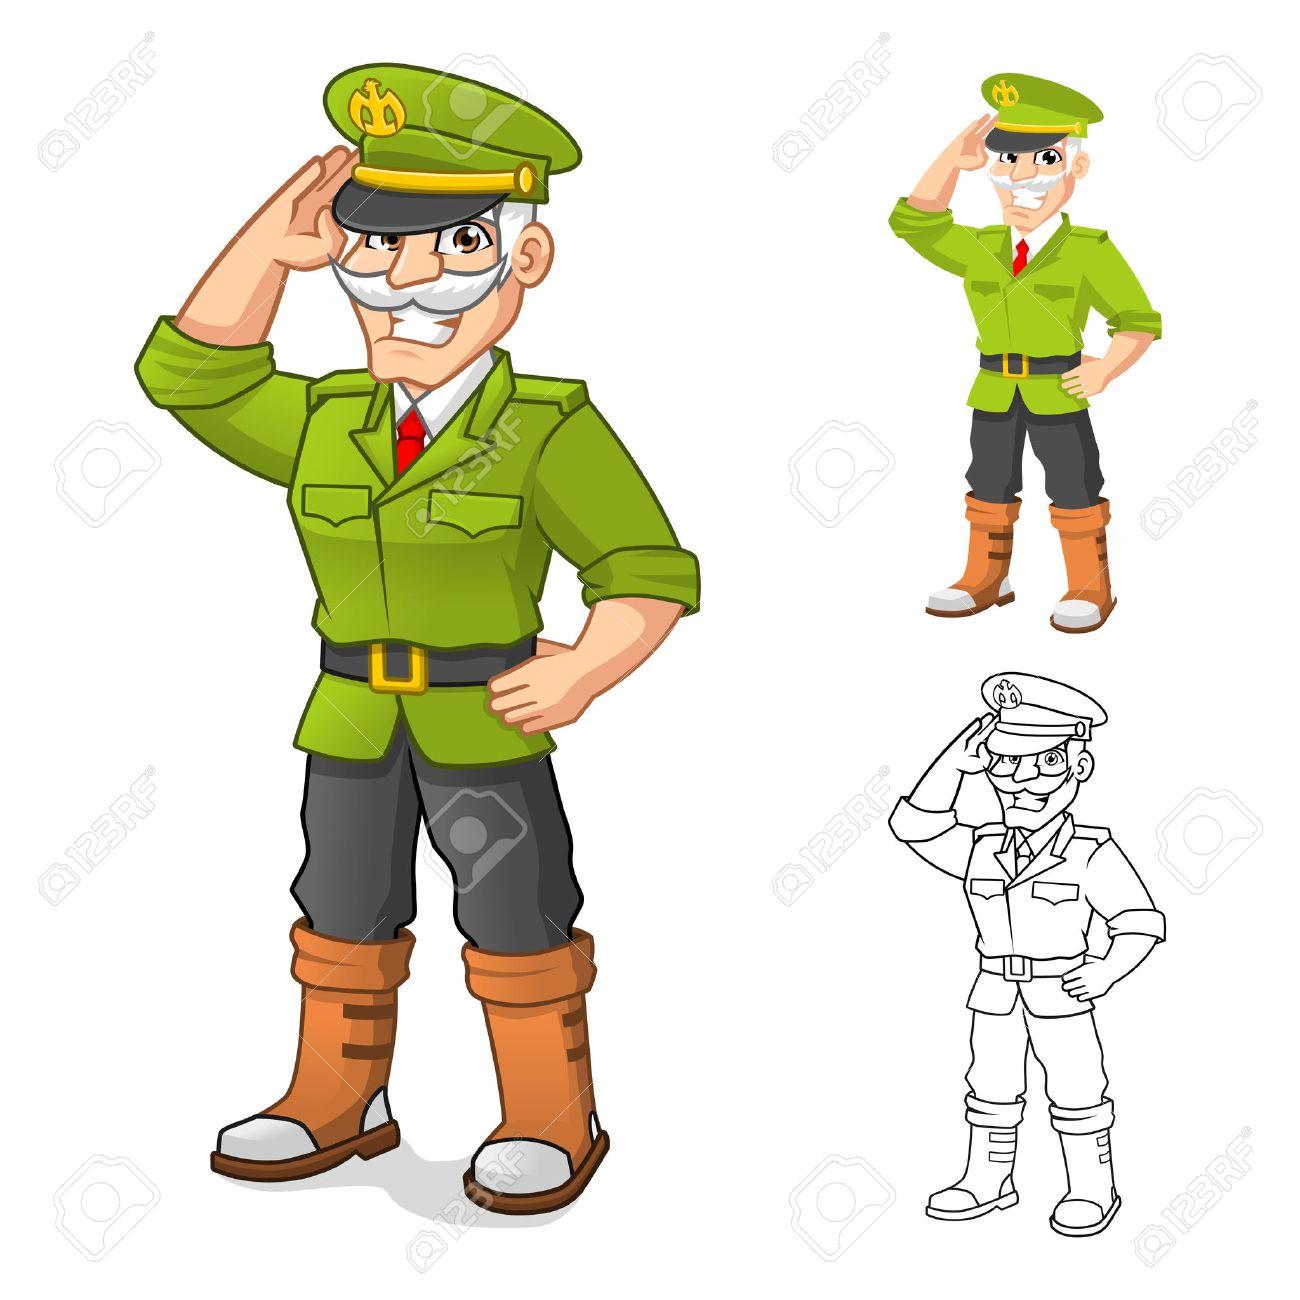 敬礼の手ポーズの高品質一般軍隊アニメ キャラクター フラットなデザイン